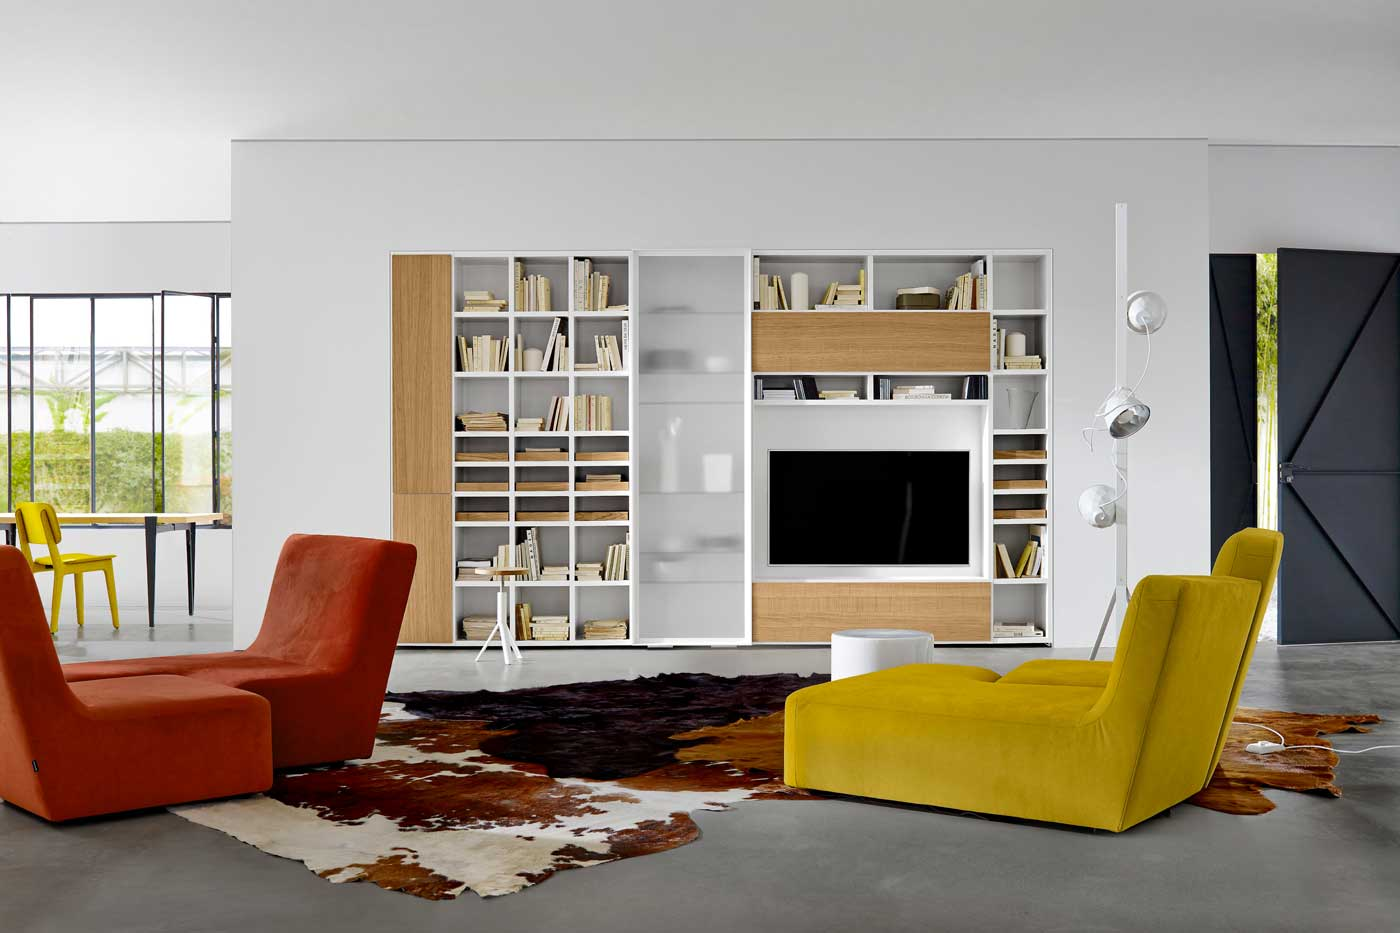 ligne roset cerezo. Black Bedroom Furniture Sets. Home Design Ideas